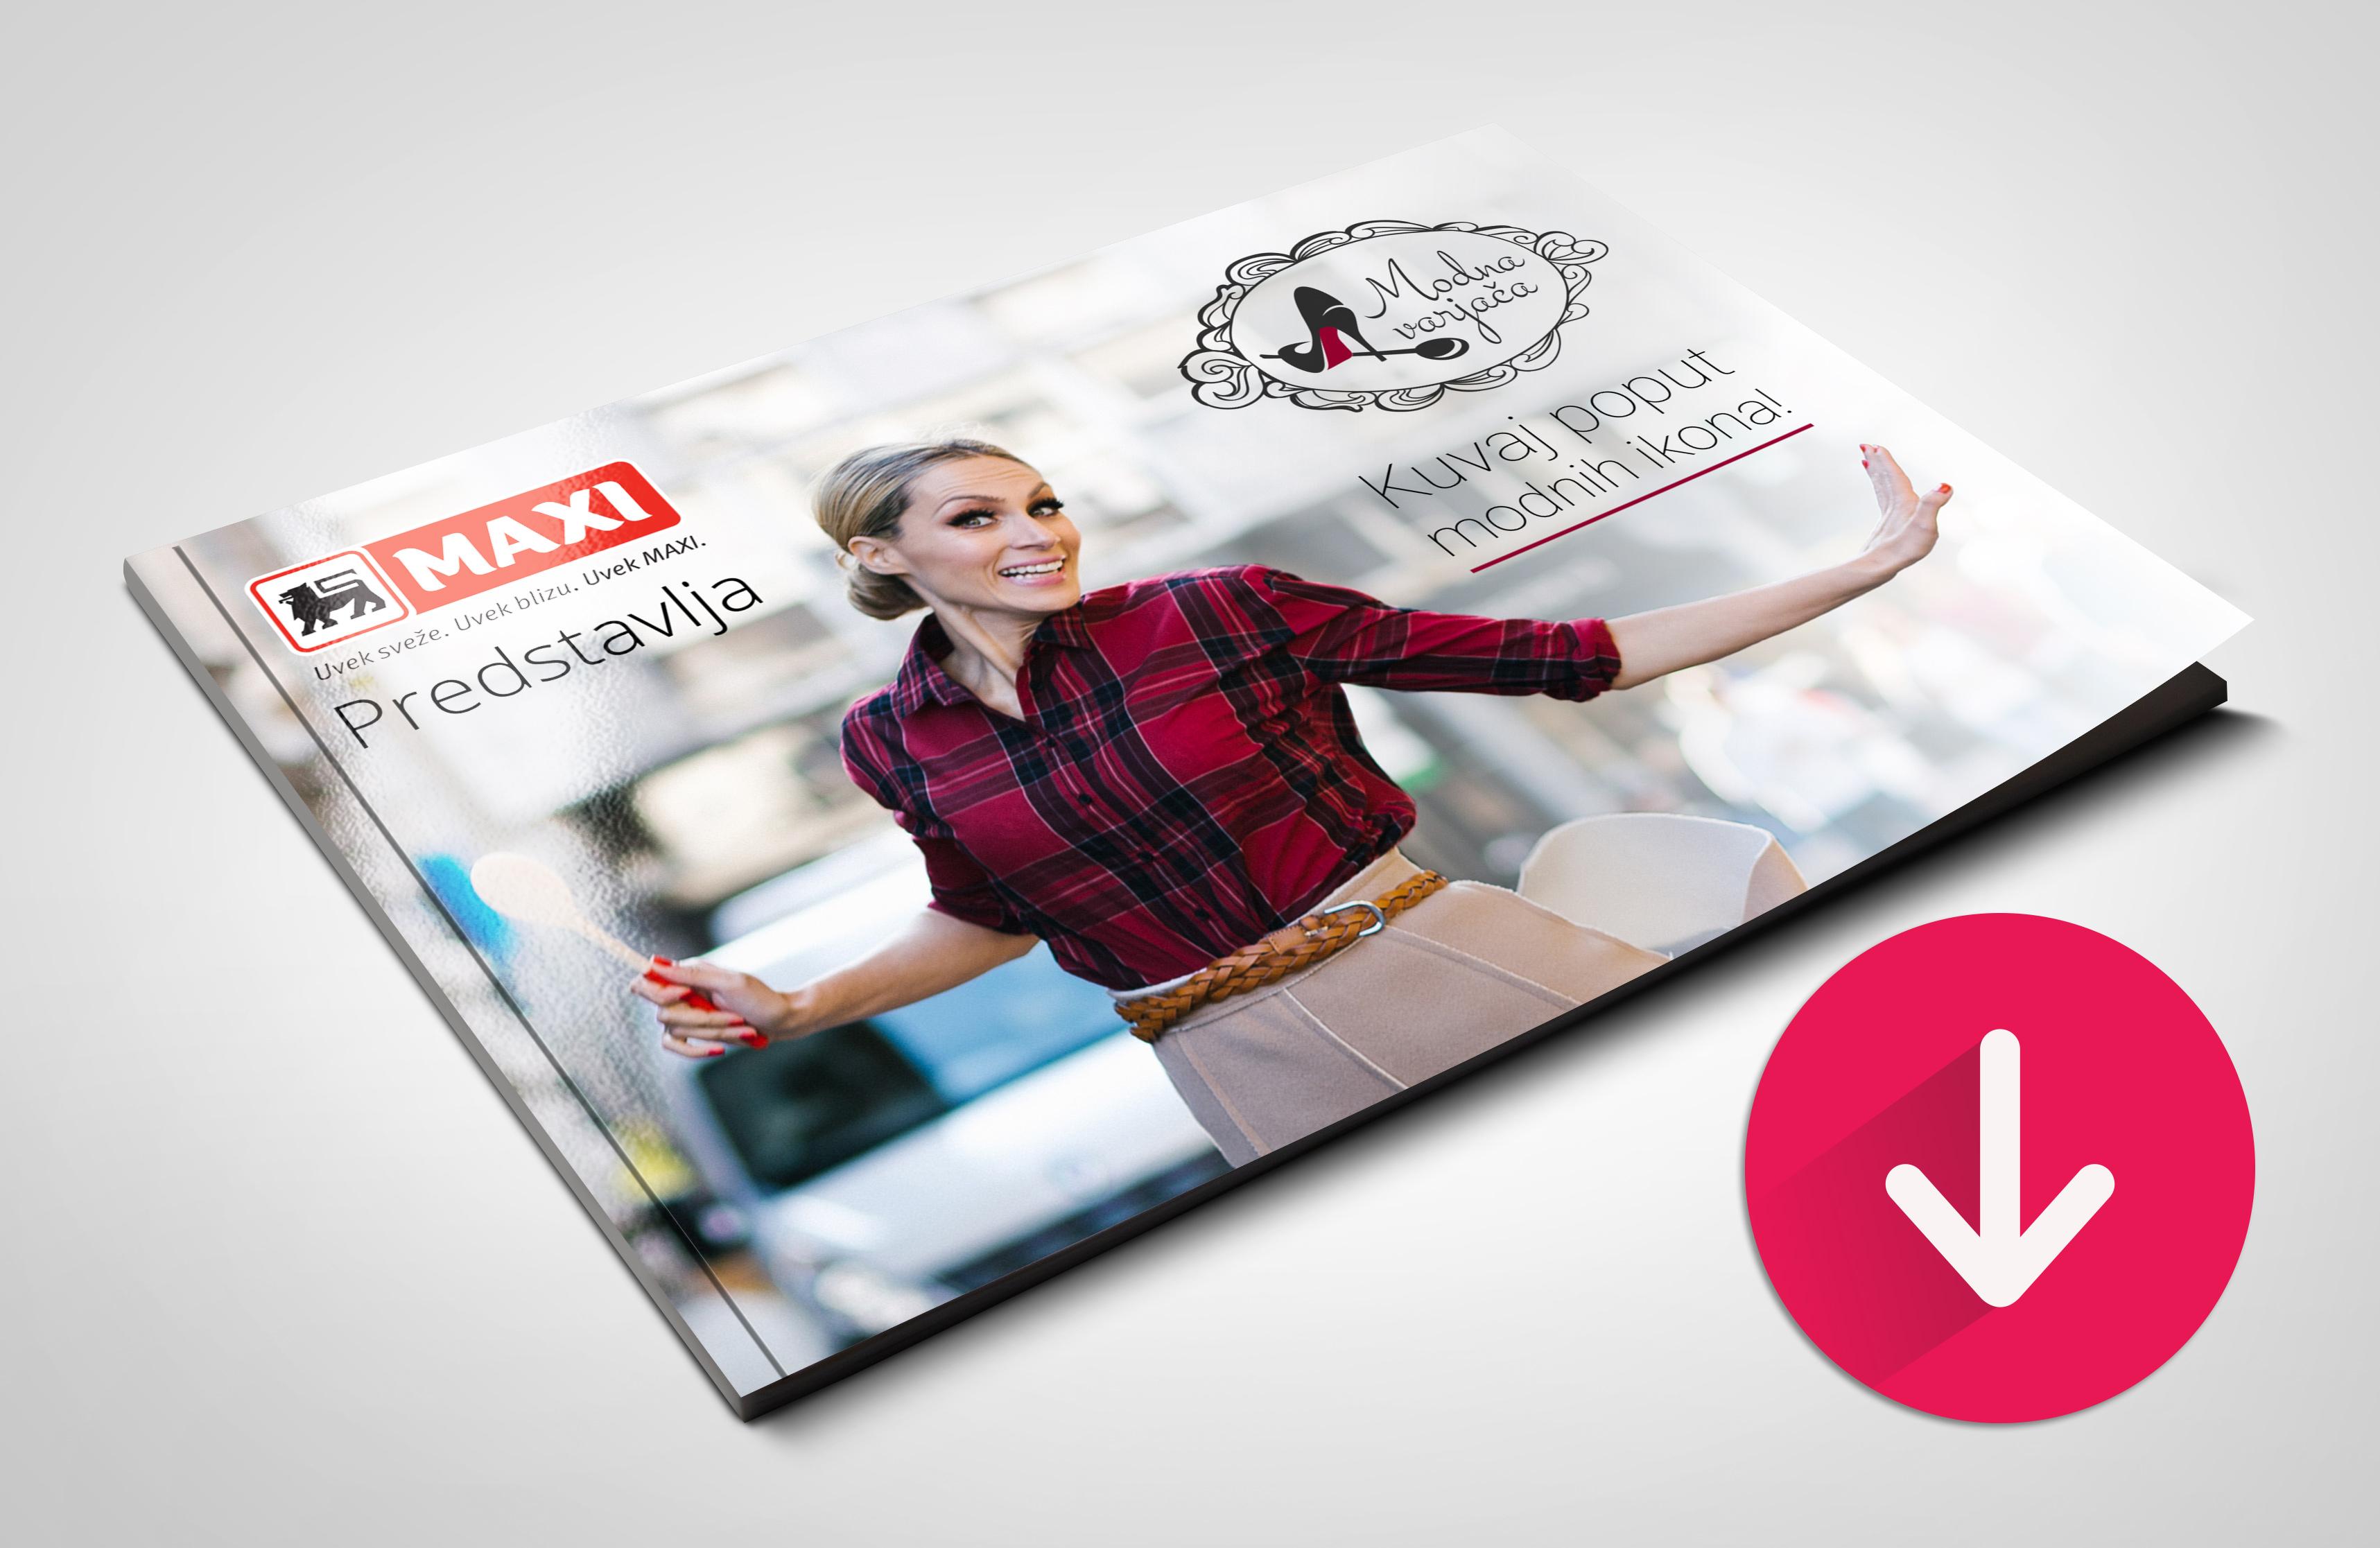 Wannabe eBook Modna Varjaca Download Thumbnail 14 a 1 1 Knjiga recepata Modna varjača: Kuvaj poput modnih ikona